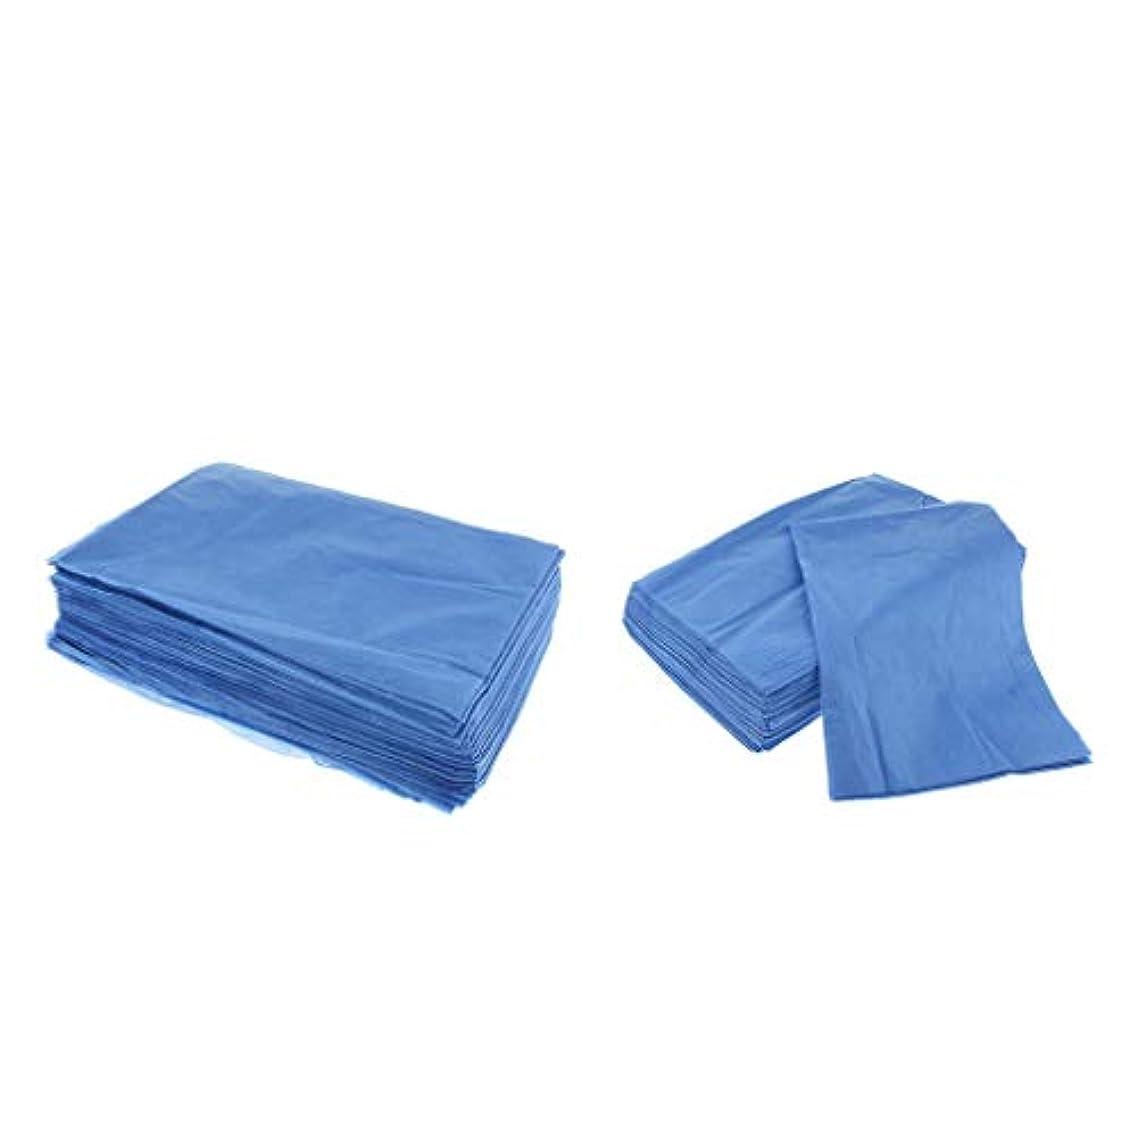 シャークアベニュー極貧dailymall 40ピース使い捨て防水美容マッサージサロンホテルベッドパッドカバーシート-ブルー-31.5 X 70.9インチ